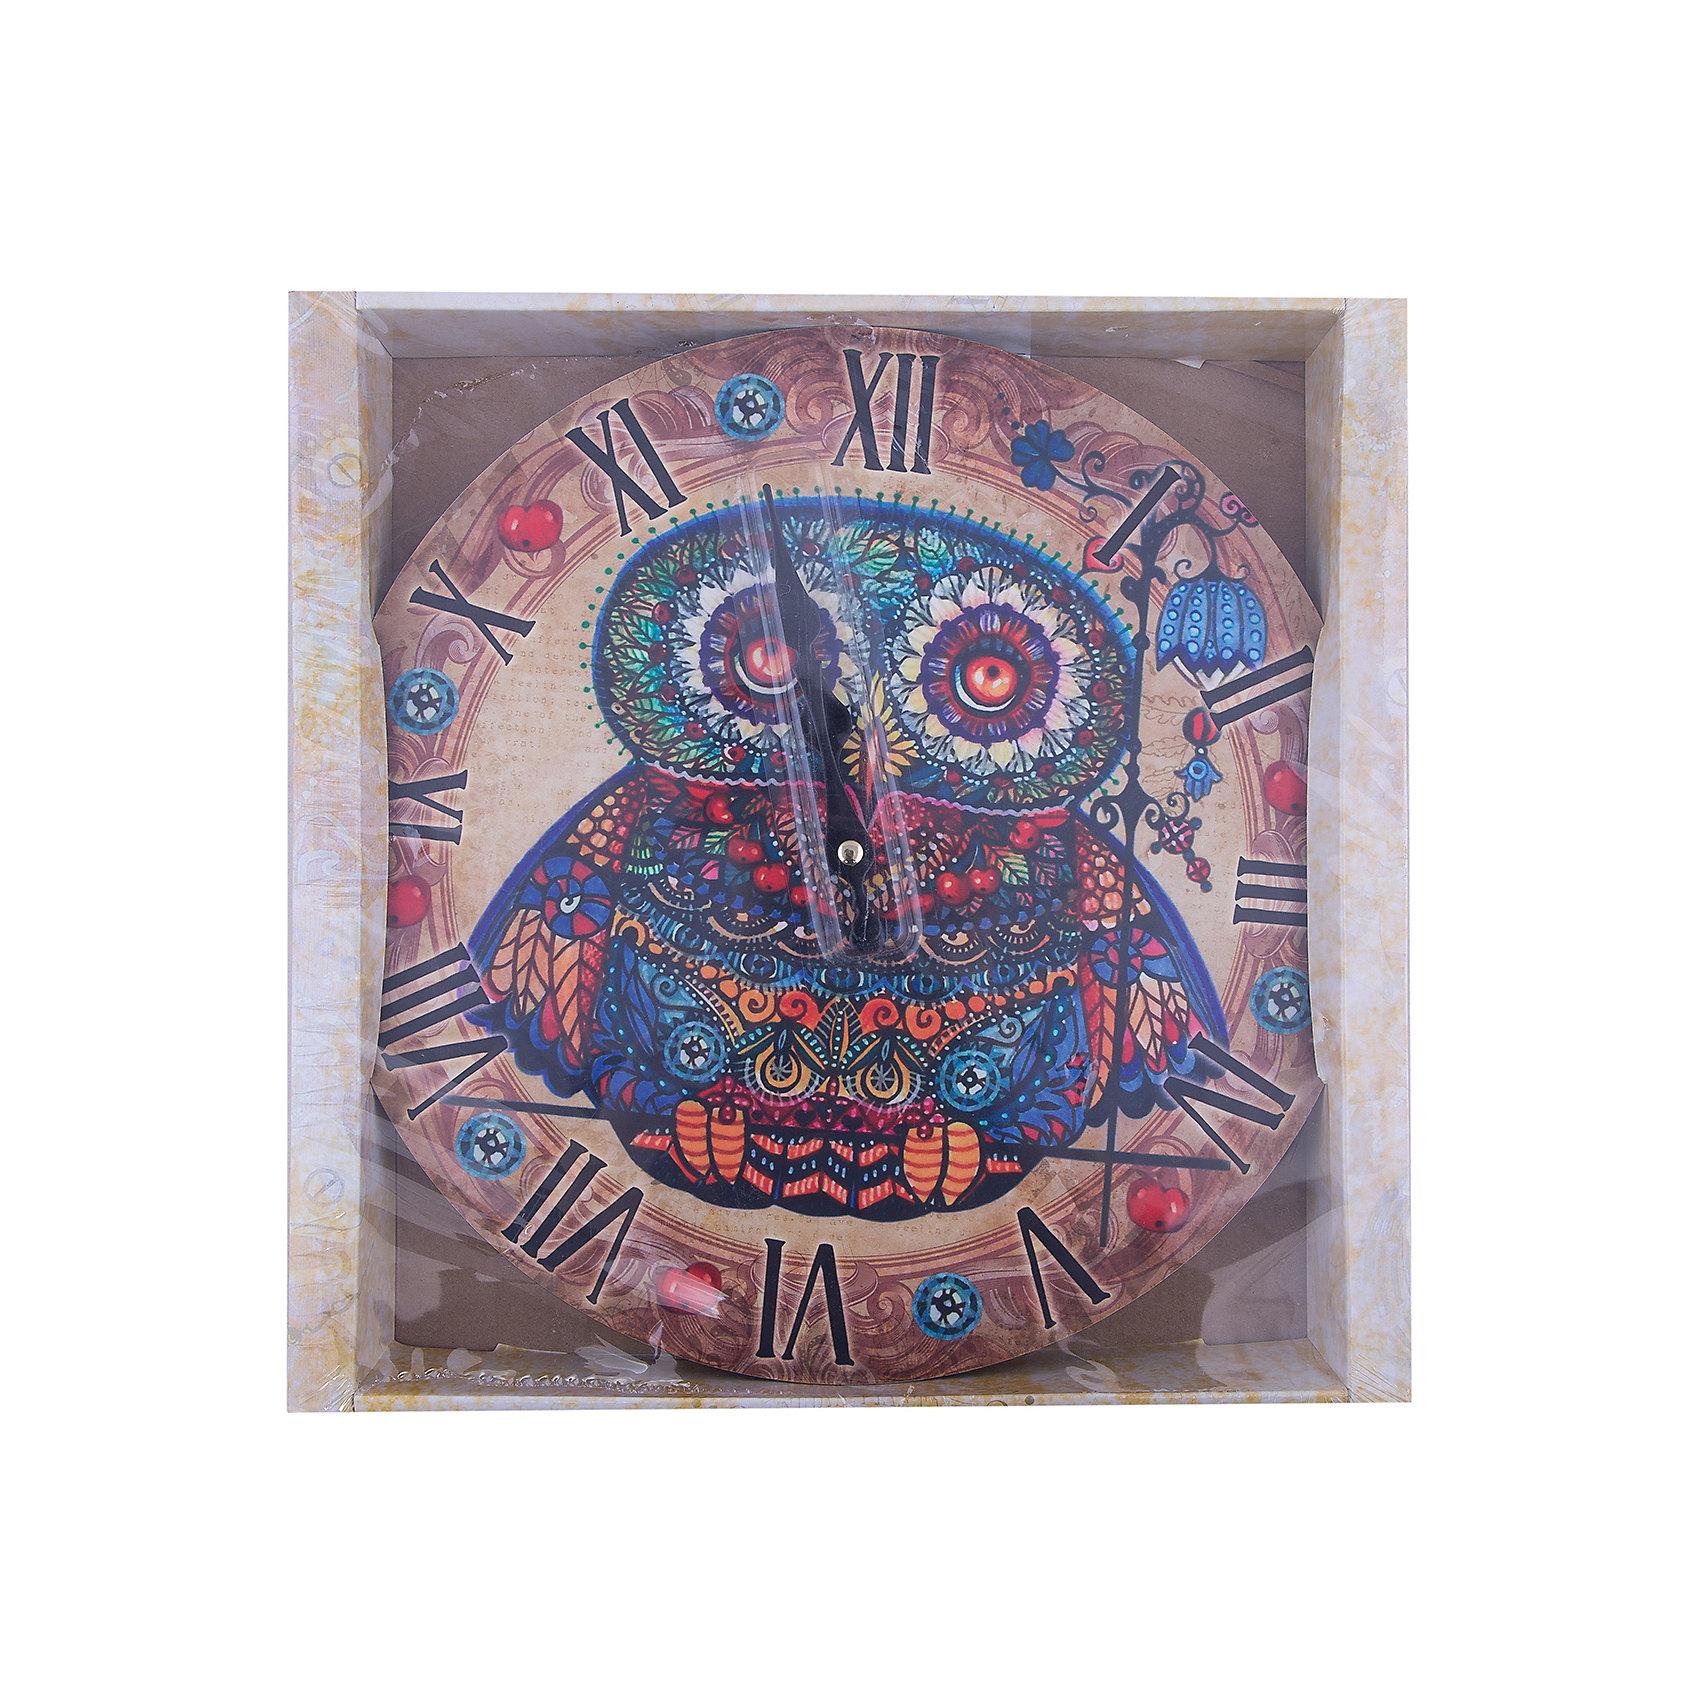 Часы настенные Волшебная сова с рябиной, диаметр 34Часы настенные Волшебная сова с рябиной, диаметр 34.<br><br>Характеристики:<br><br>- Диаметр: 34 см.<br>- Две стрелки часовая и минутная<br>- Батарейка: 1 типа АА (в комплект не входит)<br>- Цвет: антрацитовый, бежевый, красный<br>- Упаковка картонная коробка<br><br>Кварцевые настенные часы с механизмом плавного хода помимо своего прямого назначения – показывать точное время – станут важным элементом декора Вашего дома, квартиры или офиса. Открытый циферблат часов выполнен из листа оргалита с декоративным покрытием, оформлен изображением совы и ягод рябины. Часовая и минутная стрелки металлические. Часовой механизм закрыт пластиковым корпусом. Часы будут ярким акцентом в интерьере и создадут дополнительный уют и хорошее настроение.<br><br>Часы настенные Волшебная сова с рябиной, диаметр 34 можно купить в нашем интернет-магазине.<br><br>Ширина мм: 345<br>Глубина мм: 340<br>Высота мм: 45<br>Вес г: 2500<br>Возраст от месяцев: 72<br>Возраст до месяцев: 144<br>Пол: Унисекс<br>Возраст: Детский<br>SKU: 5089816